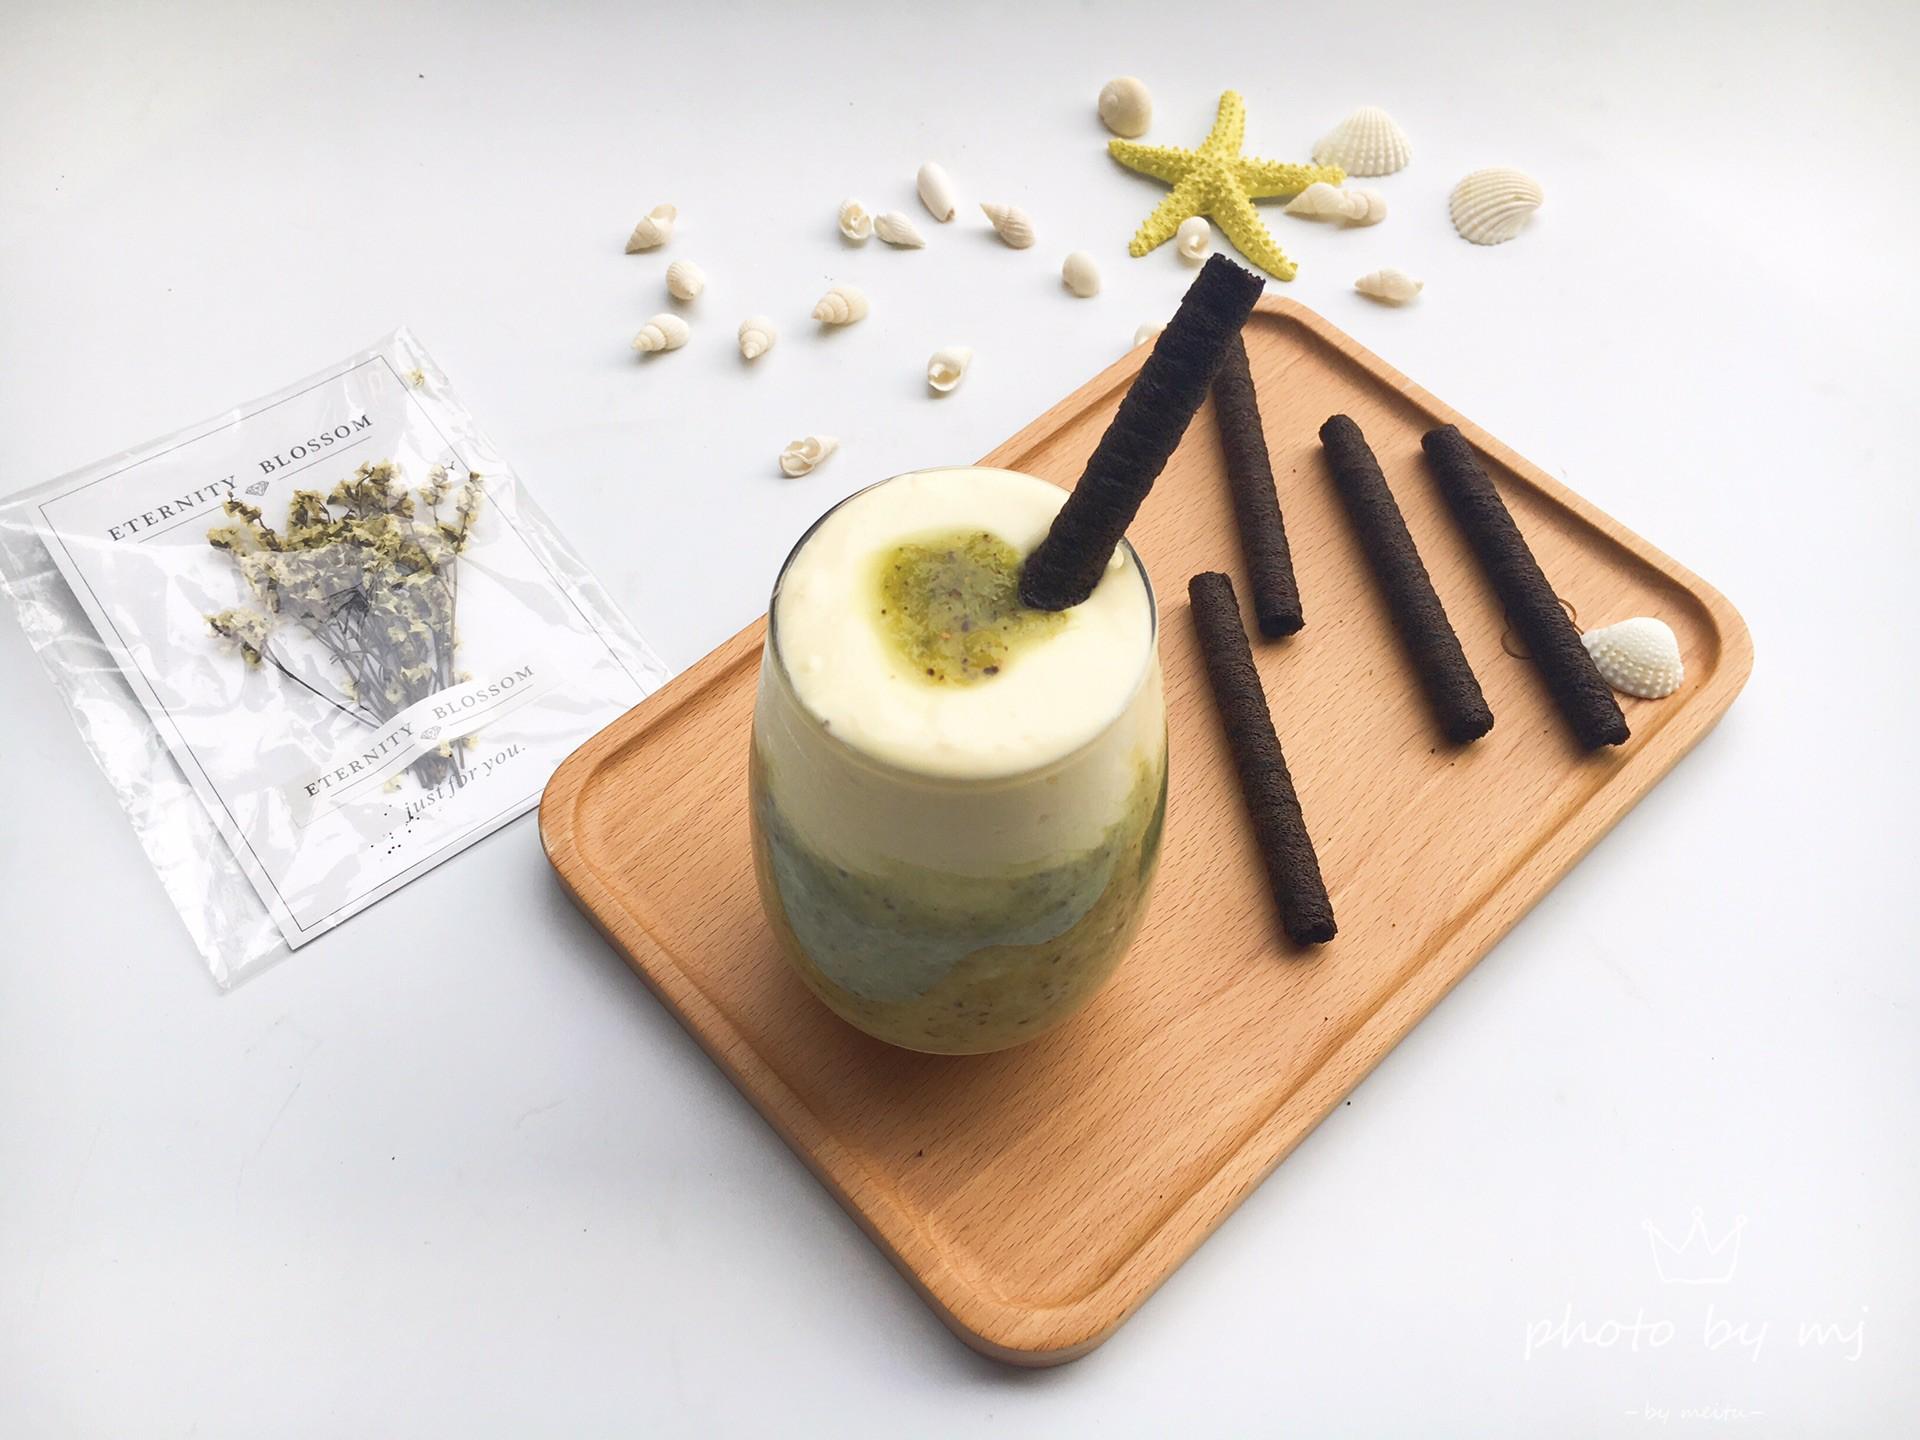 Mỗi ngày uống 1 ly sinh tố này đảm bảo da trắng mịn đẹp xinh vì lượng vitamin C cực đỉnh! - Ảnh 5